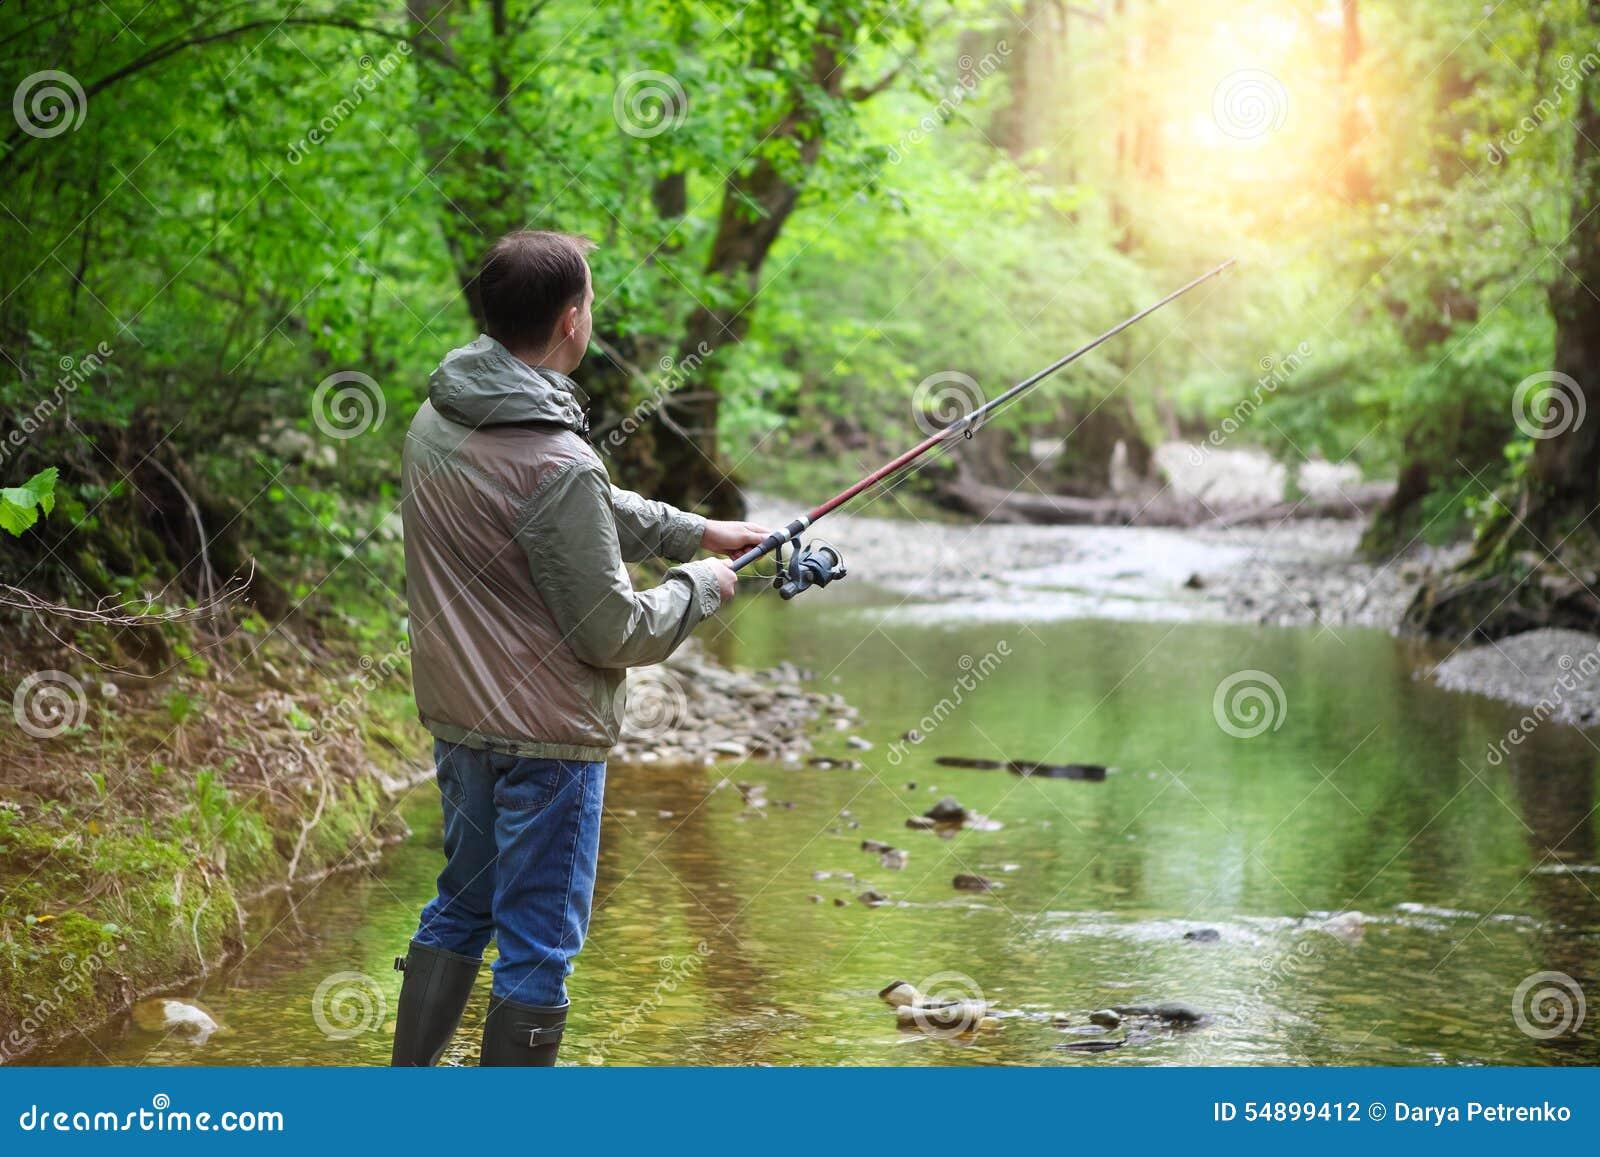 Acheter à kaliningrade la tente pour la pêche dhiver